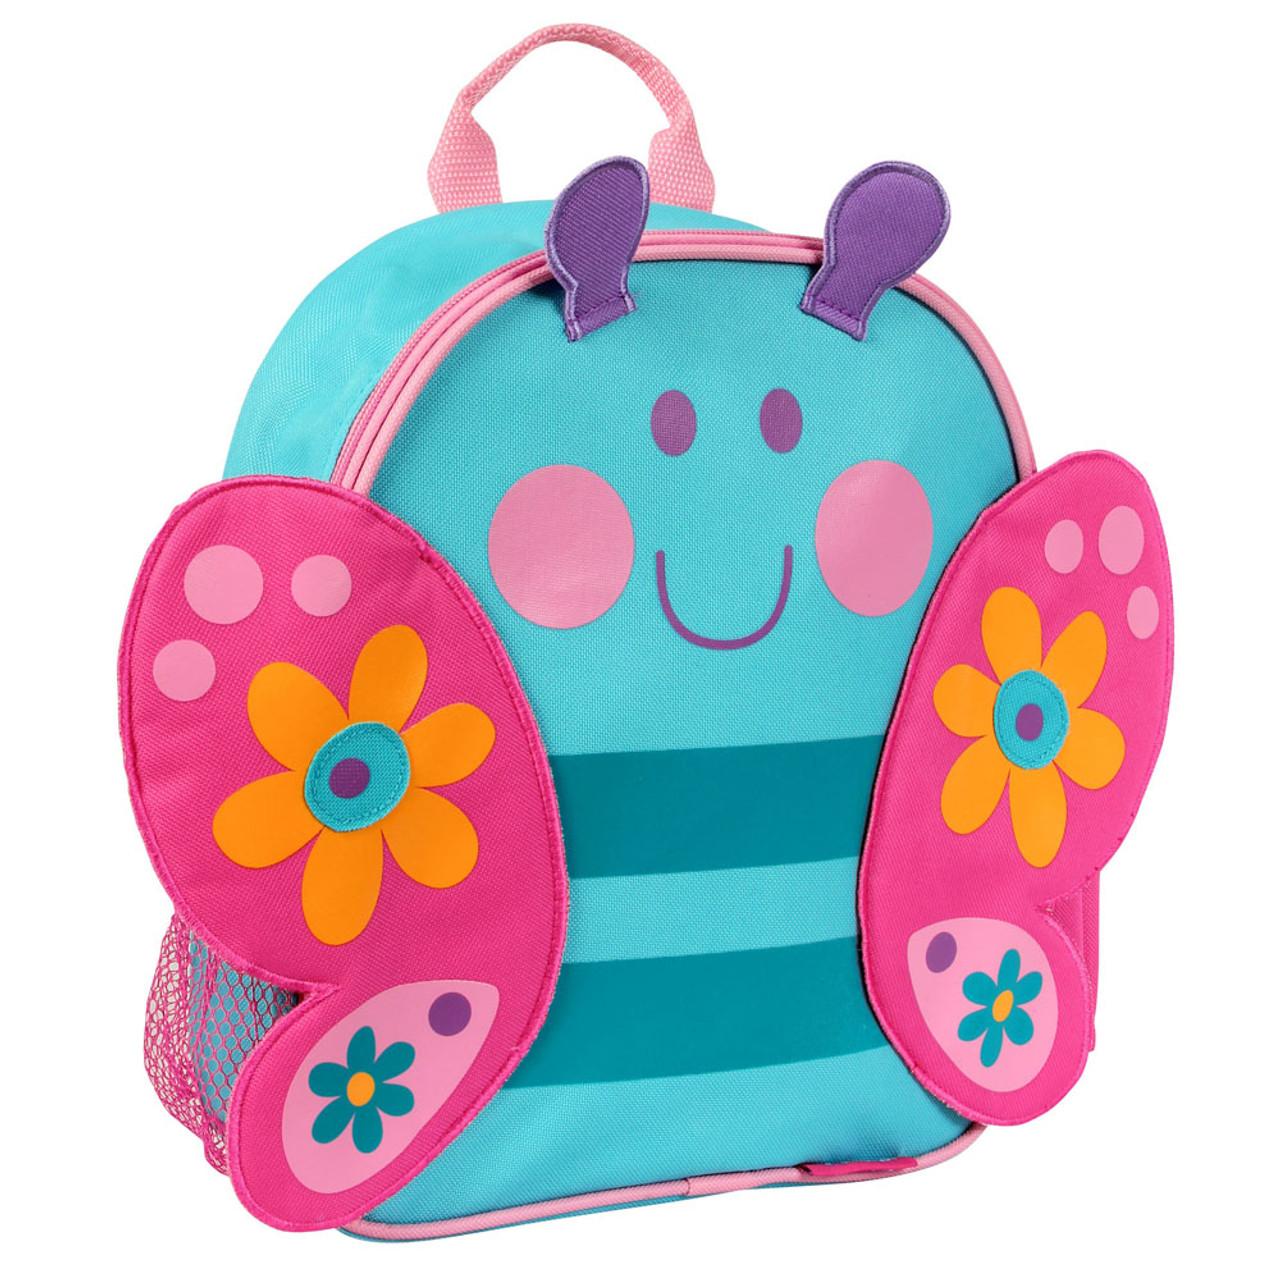 Stephen Joseph Mini Sidekick Toddler Backpack